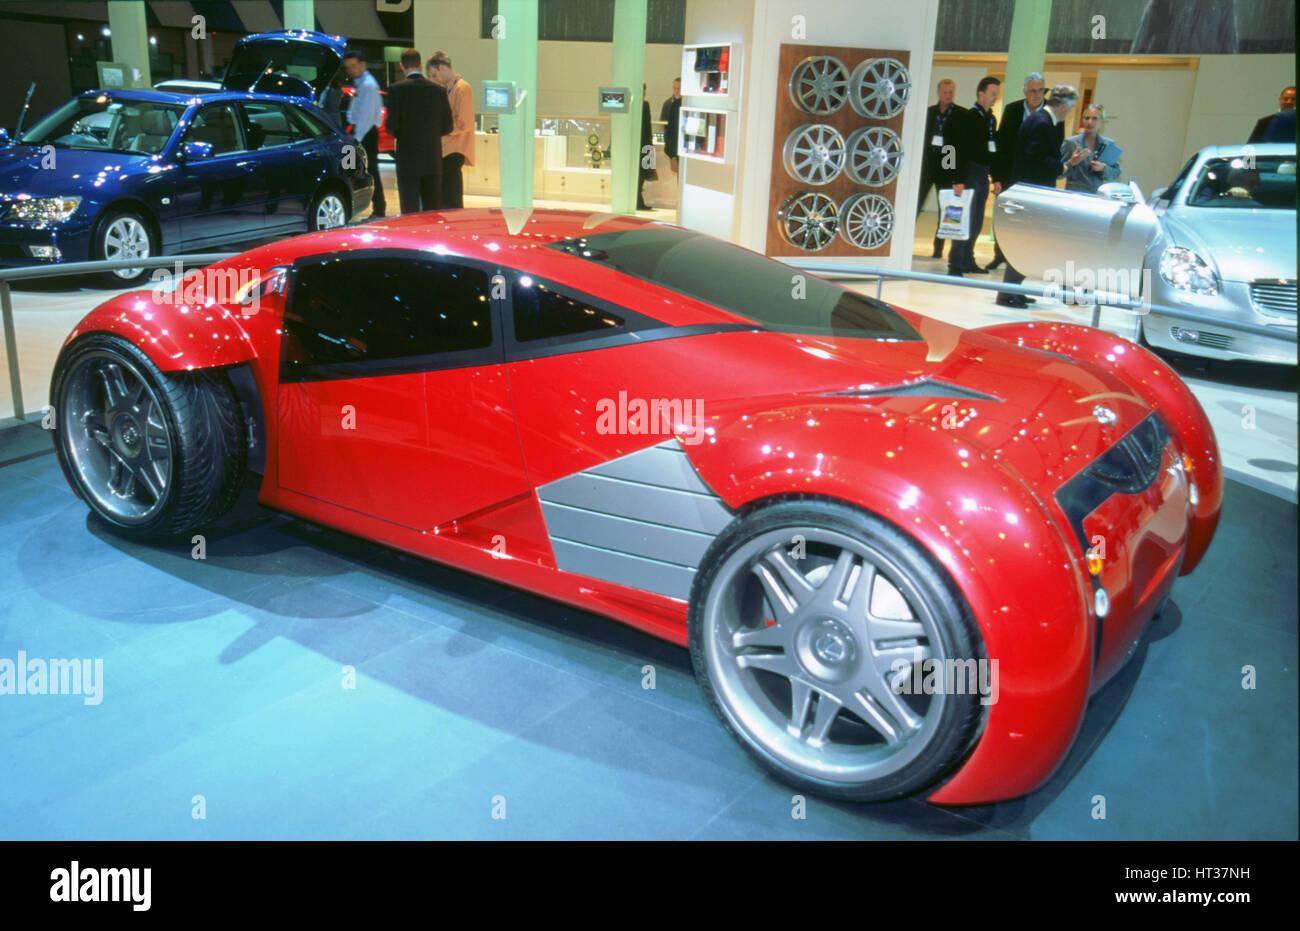 """2002 Lexus prototipo eléctrico utilizado en minoridad Report"""" película. Artista: Desconocido. Imagen De Stock"""